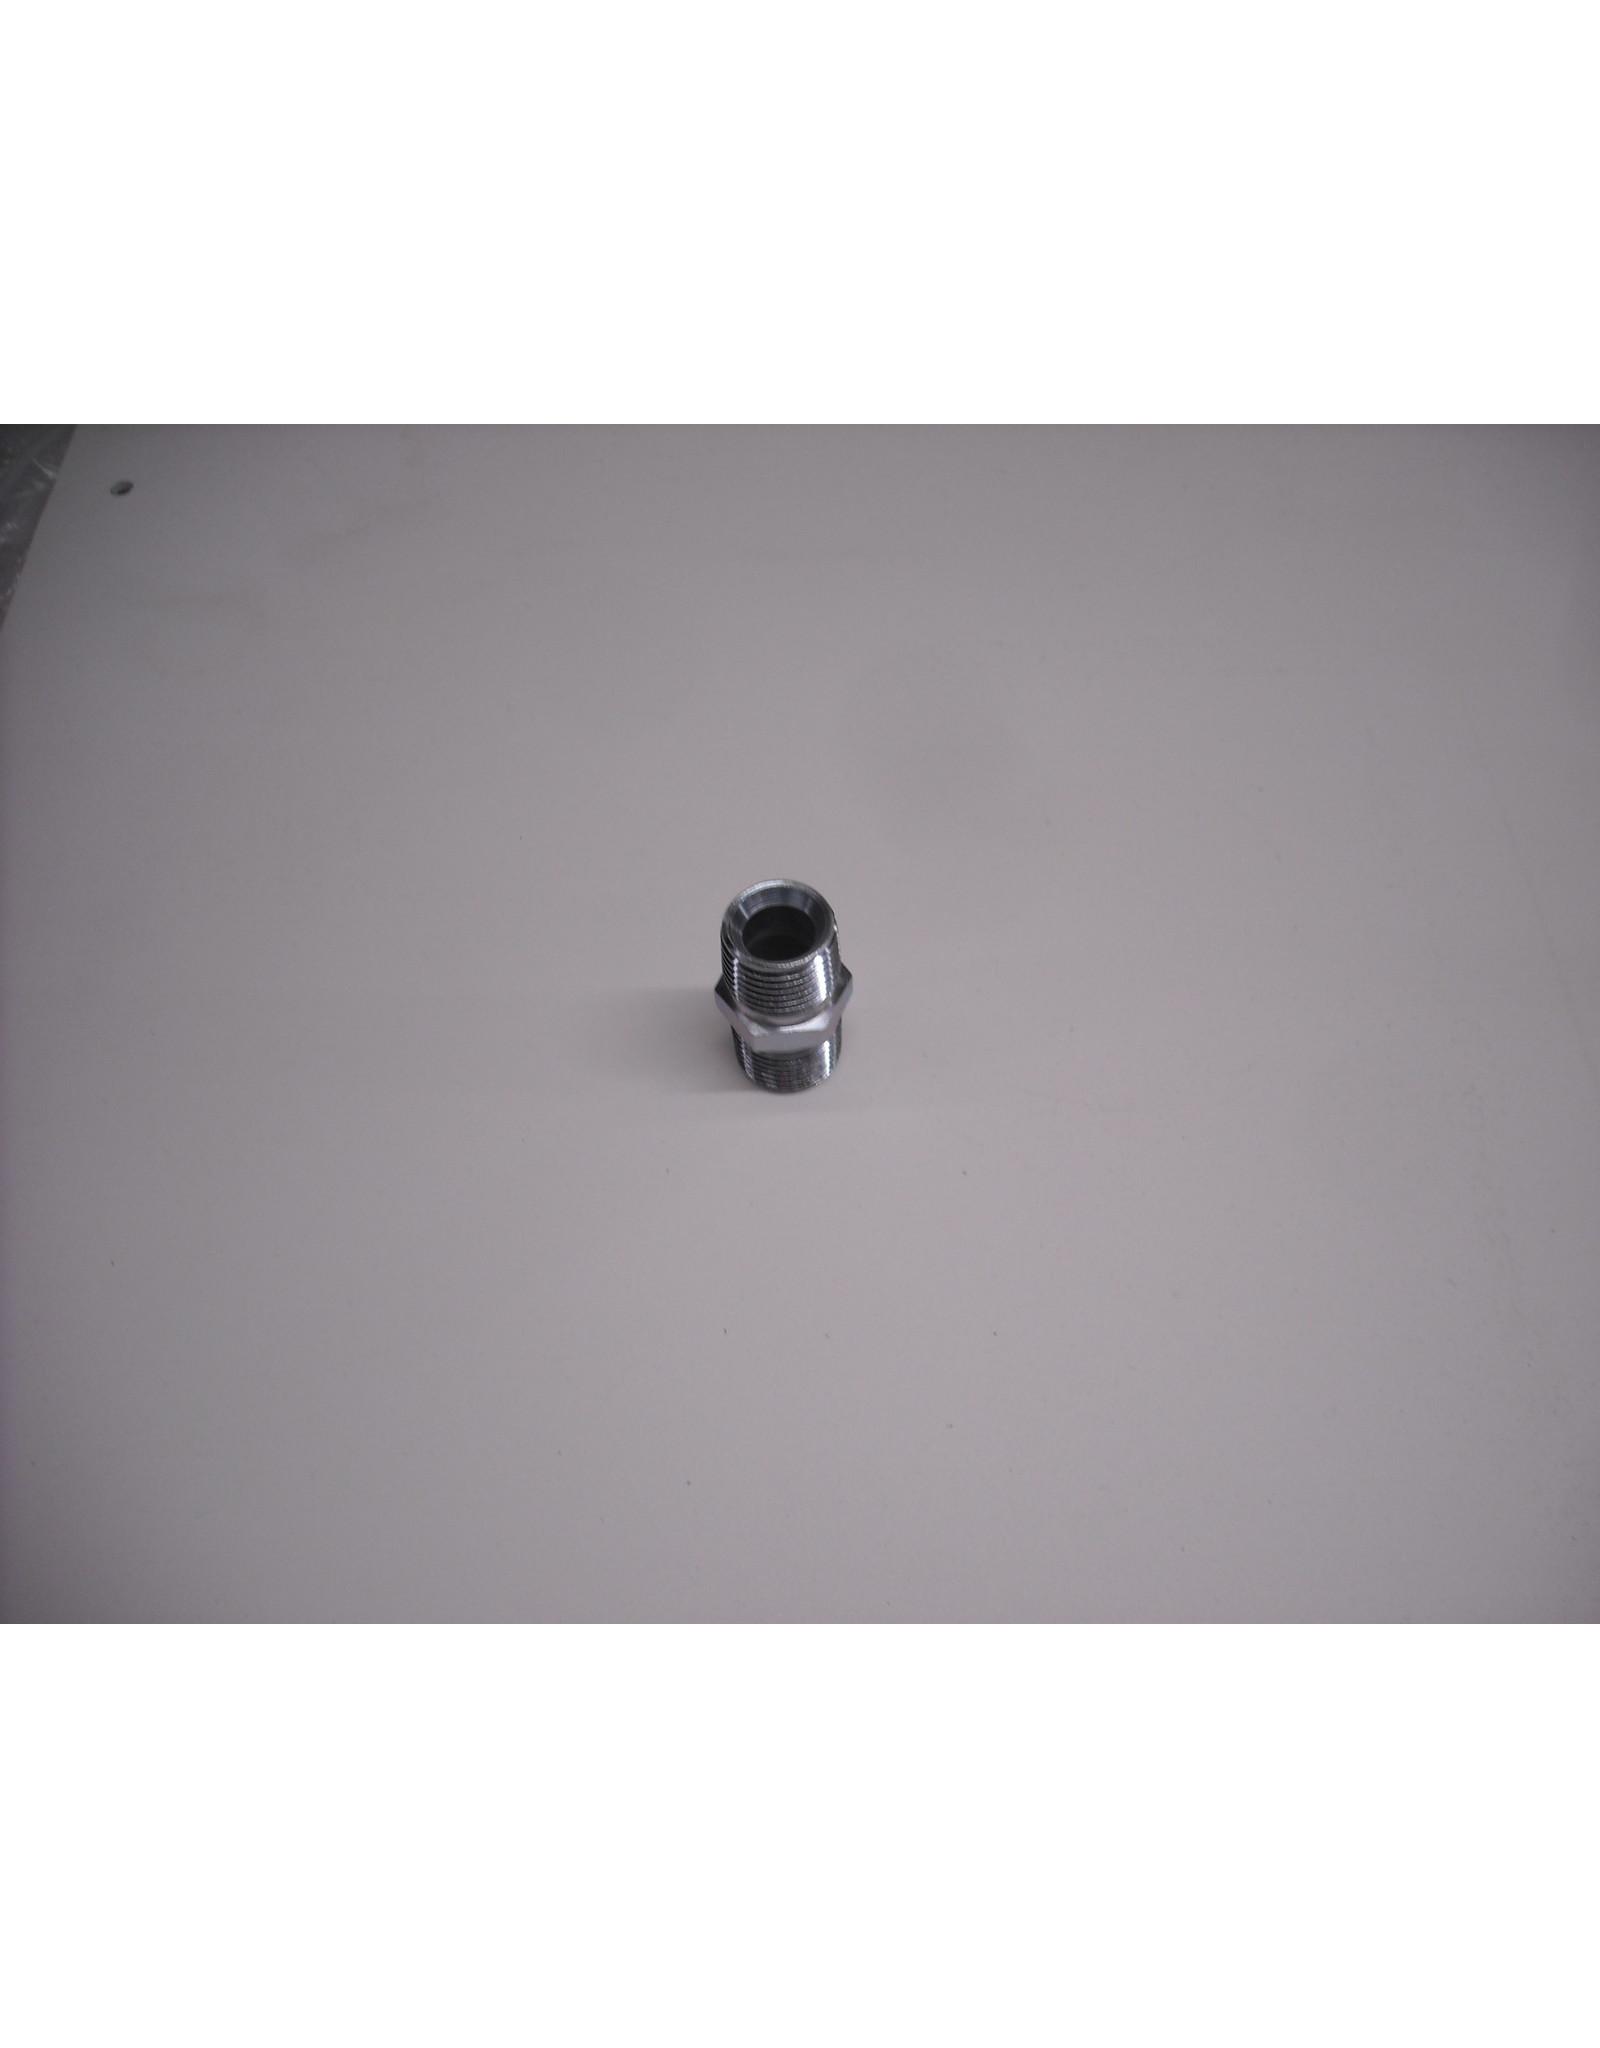 Graco 12-230x Hi-Pressure Nipple 3/8 x 3/8 MNPT